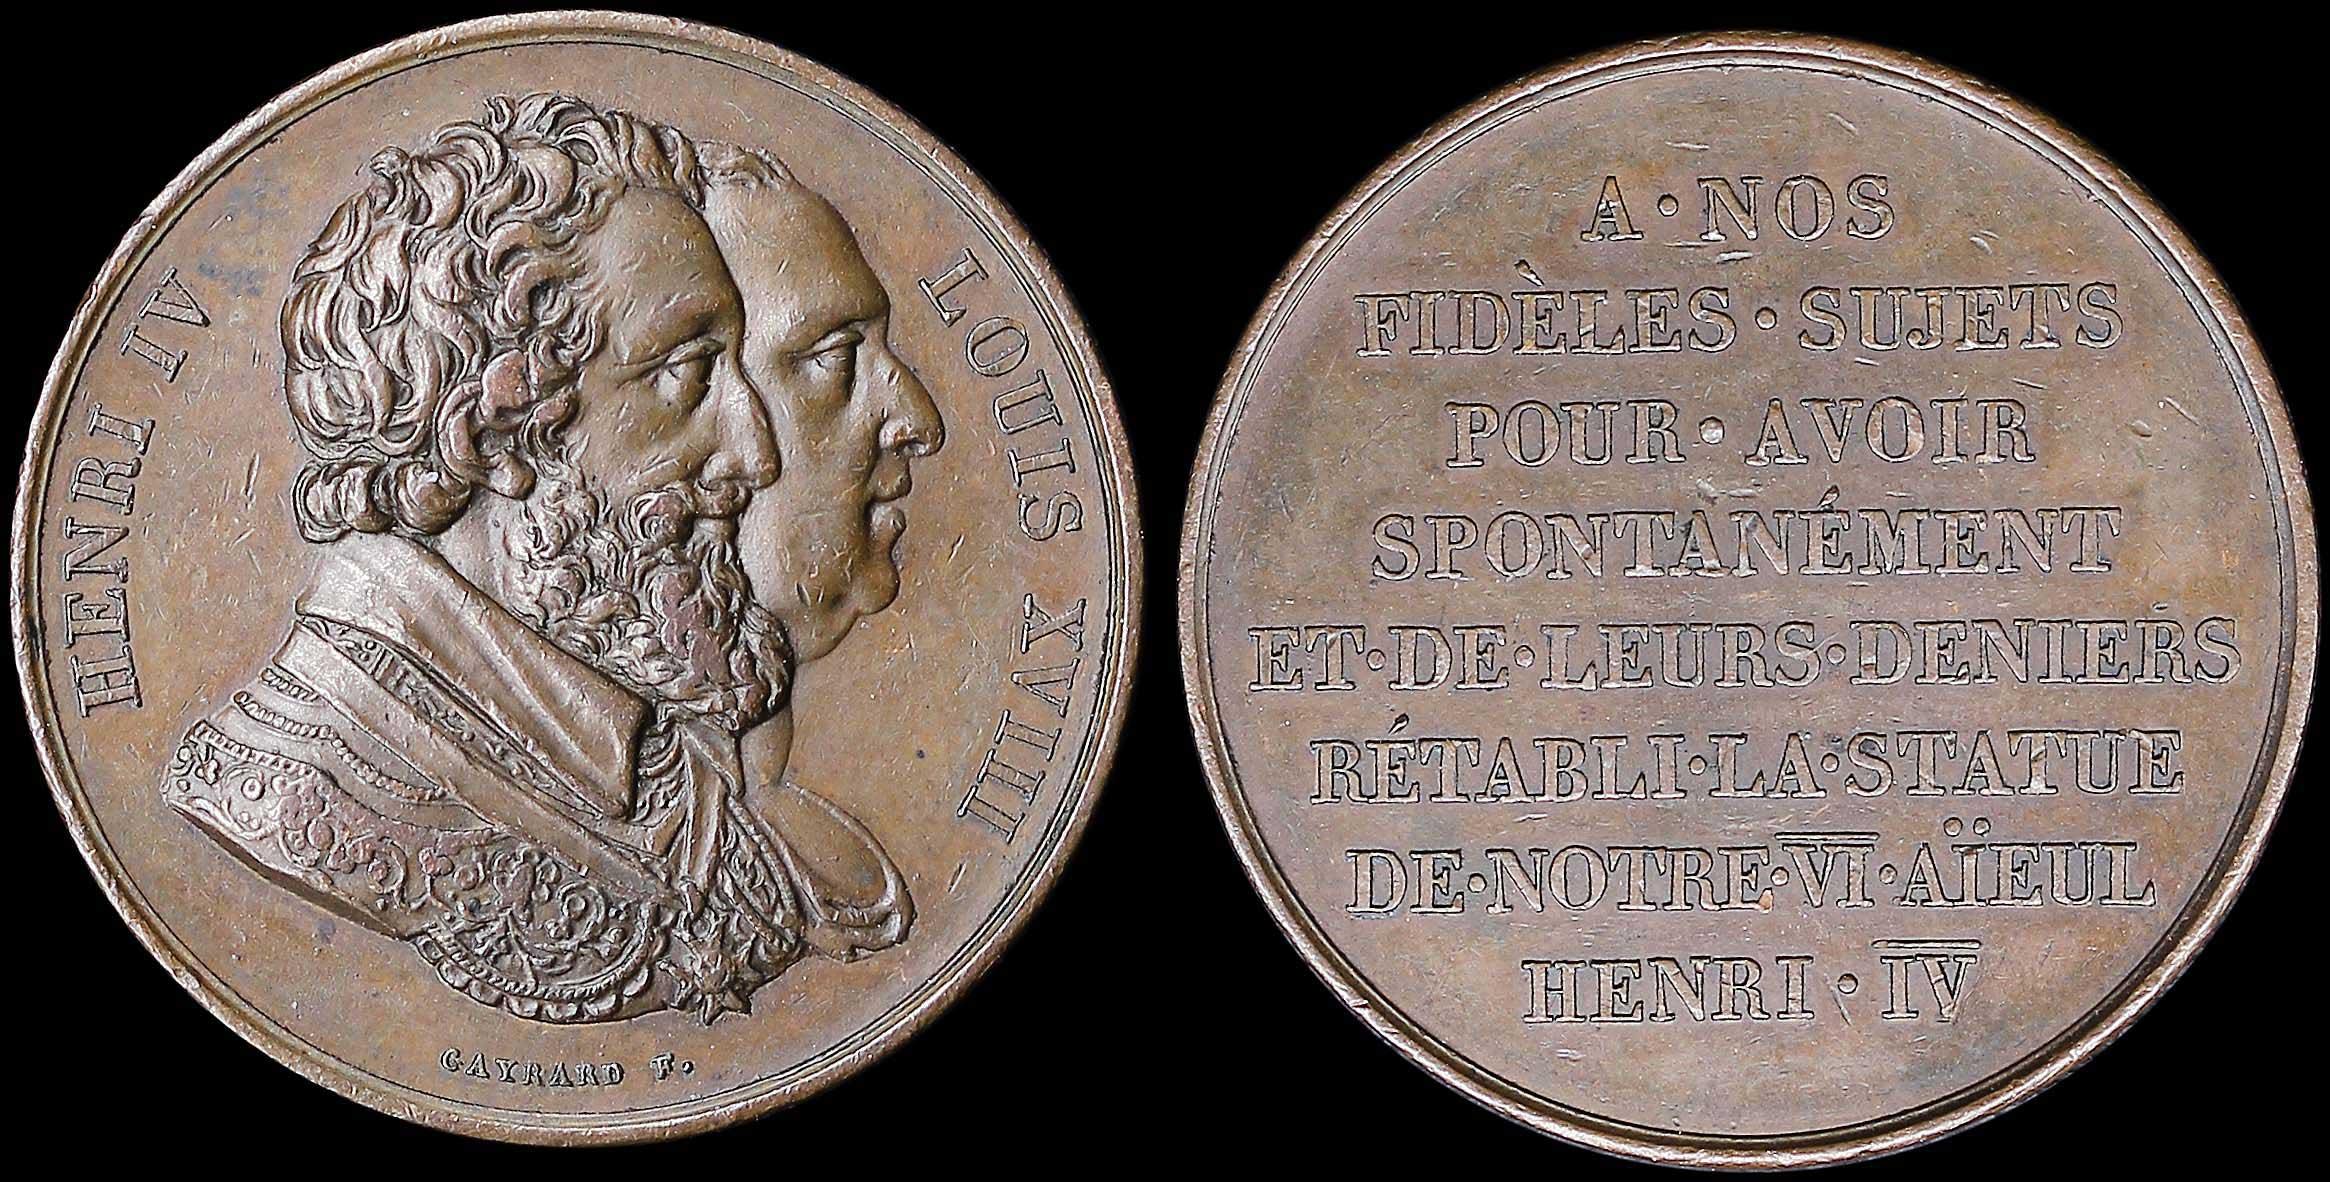 Lot 8974 - -  MEDALS & DECORATIONS FOREIGN MEDALS & DECORATIONS -  A. Karamitsos Public & Live Bid Auction 644 Coins, Medals & Banknotes